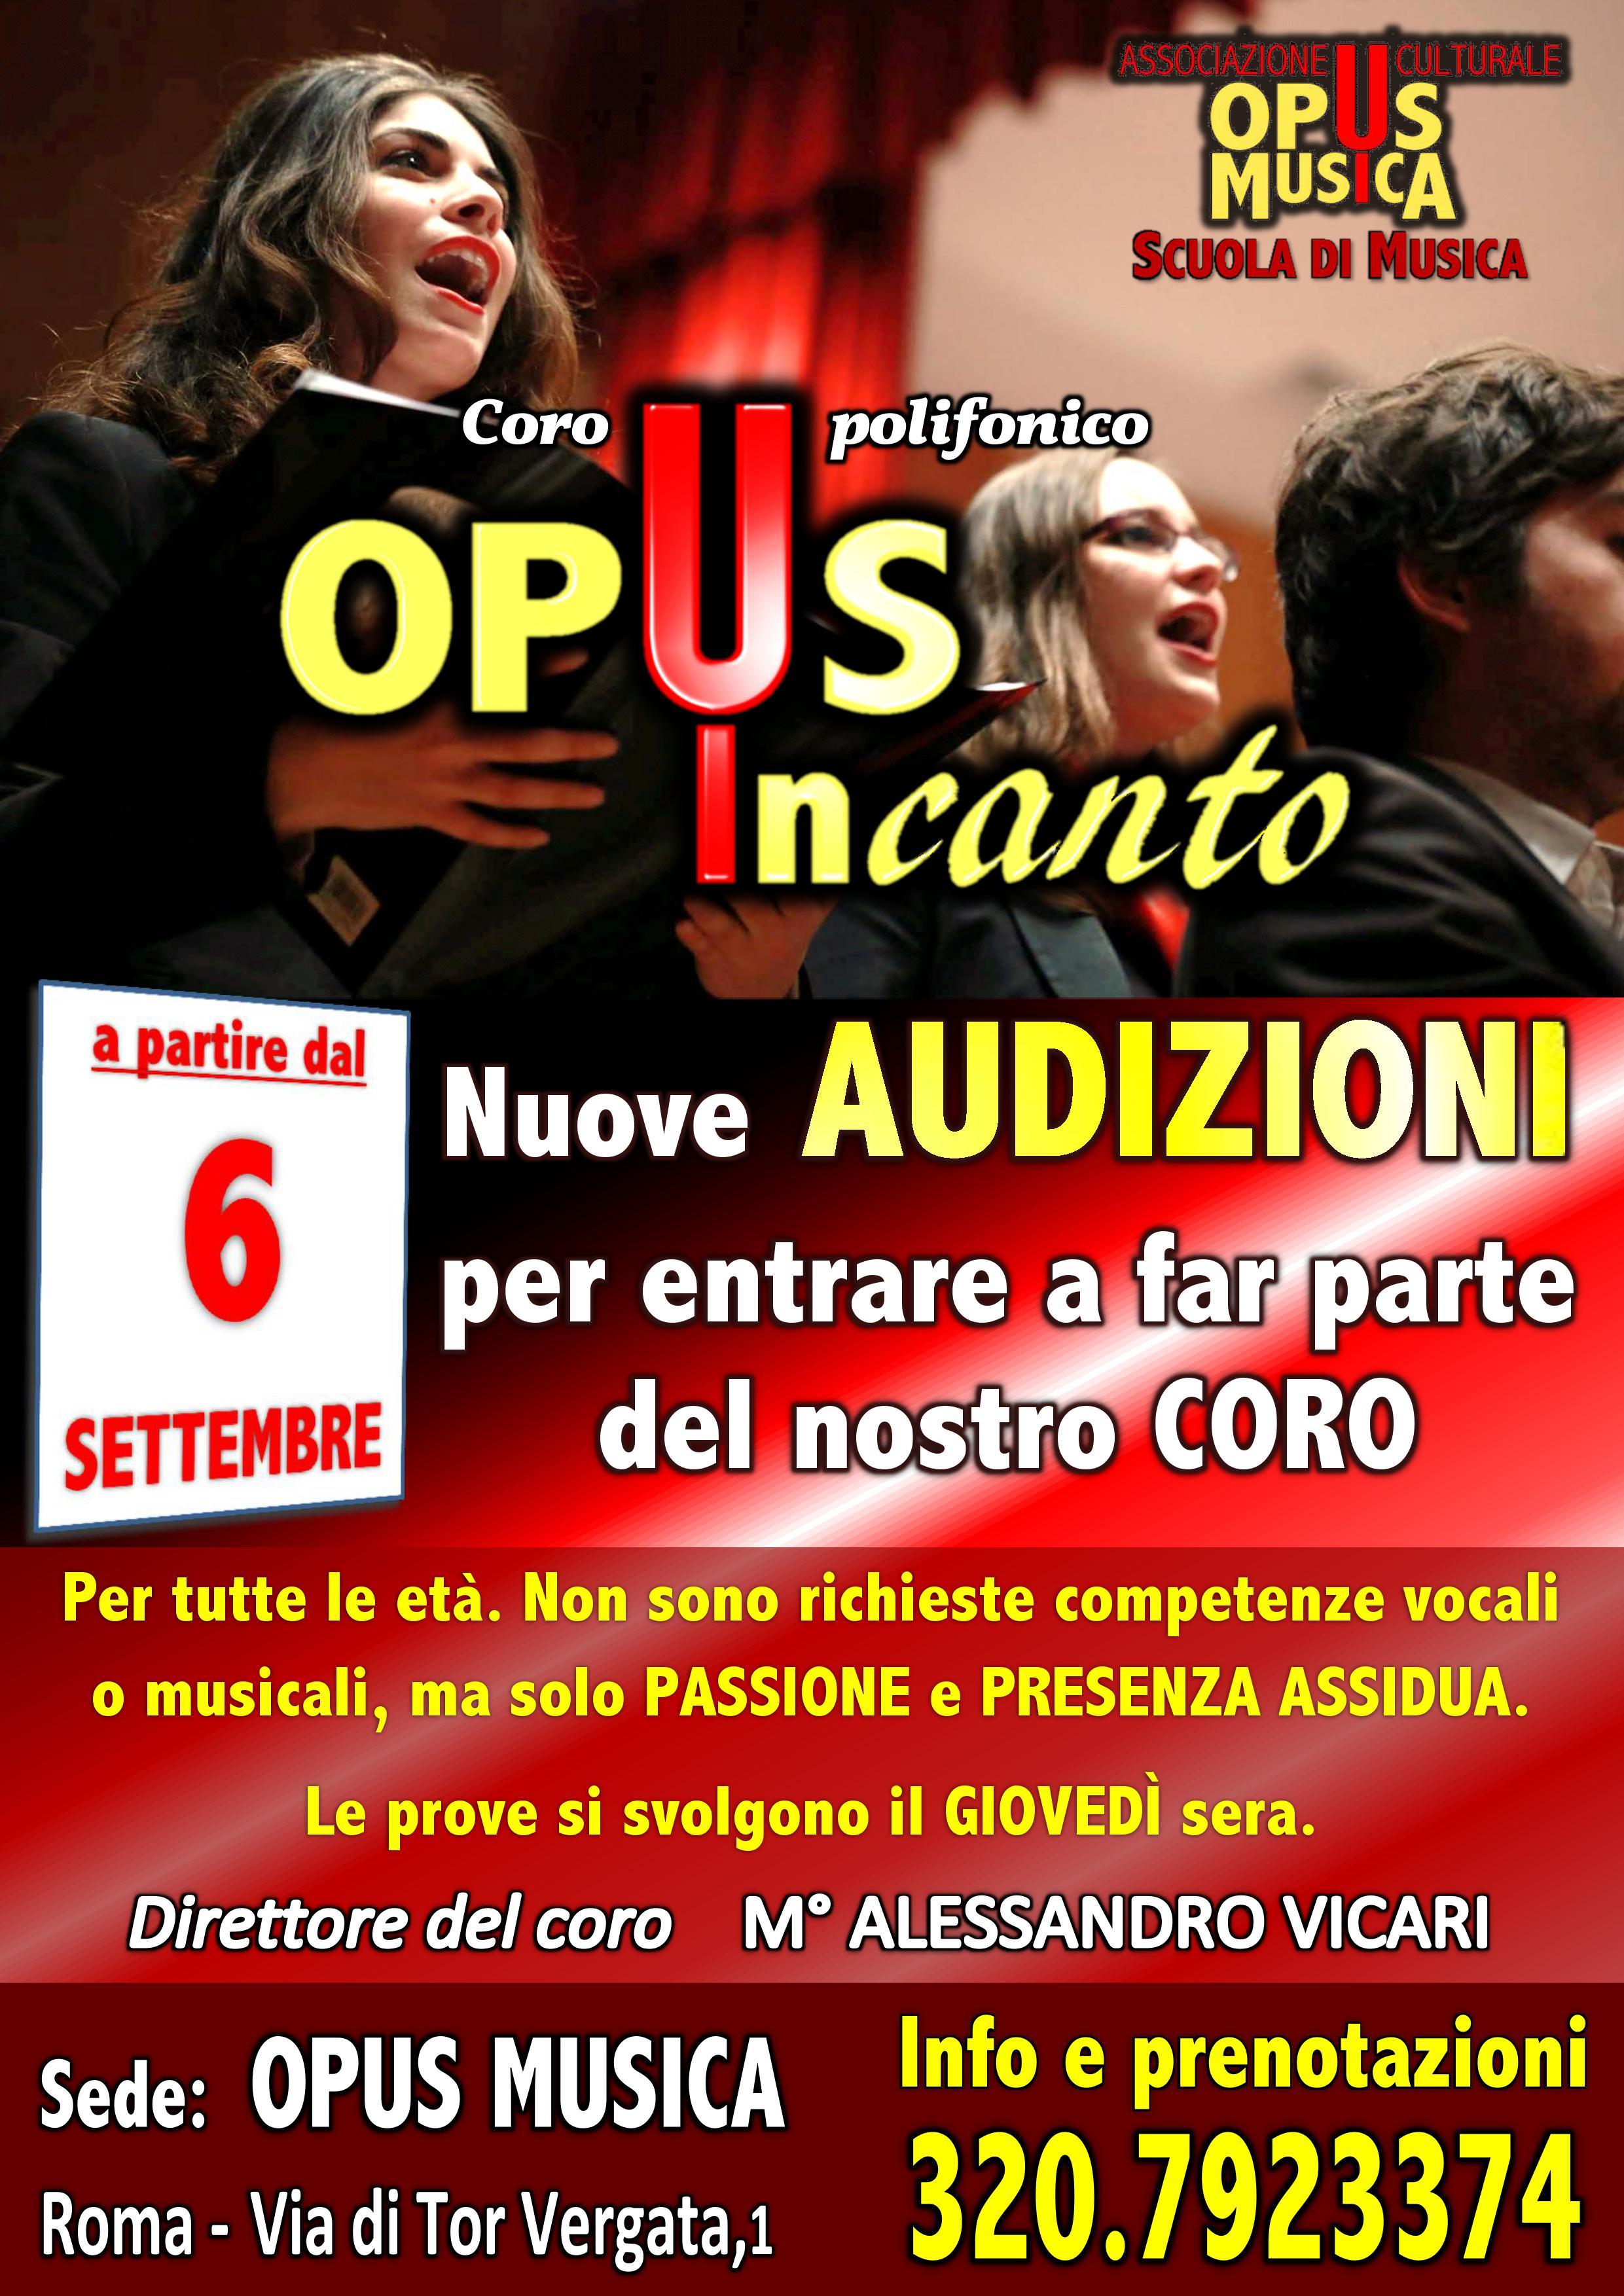 Audizioni CORO